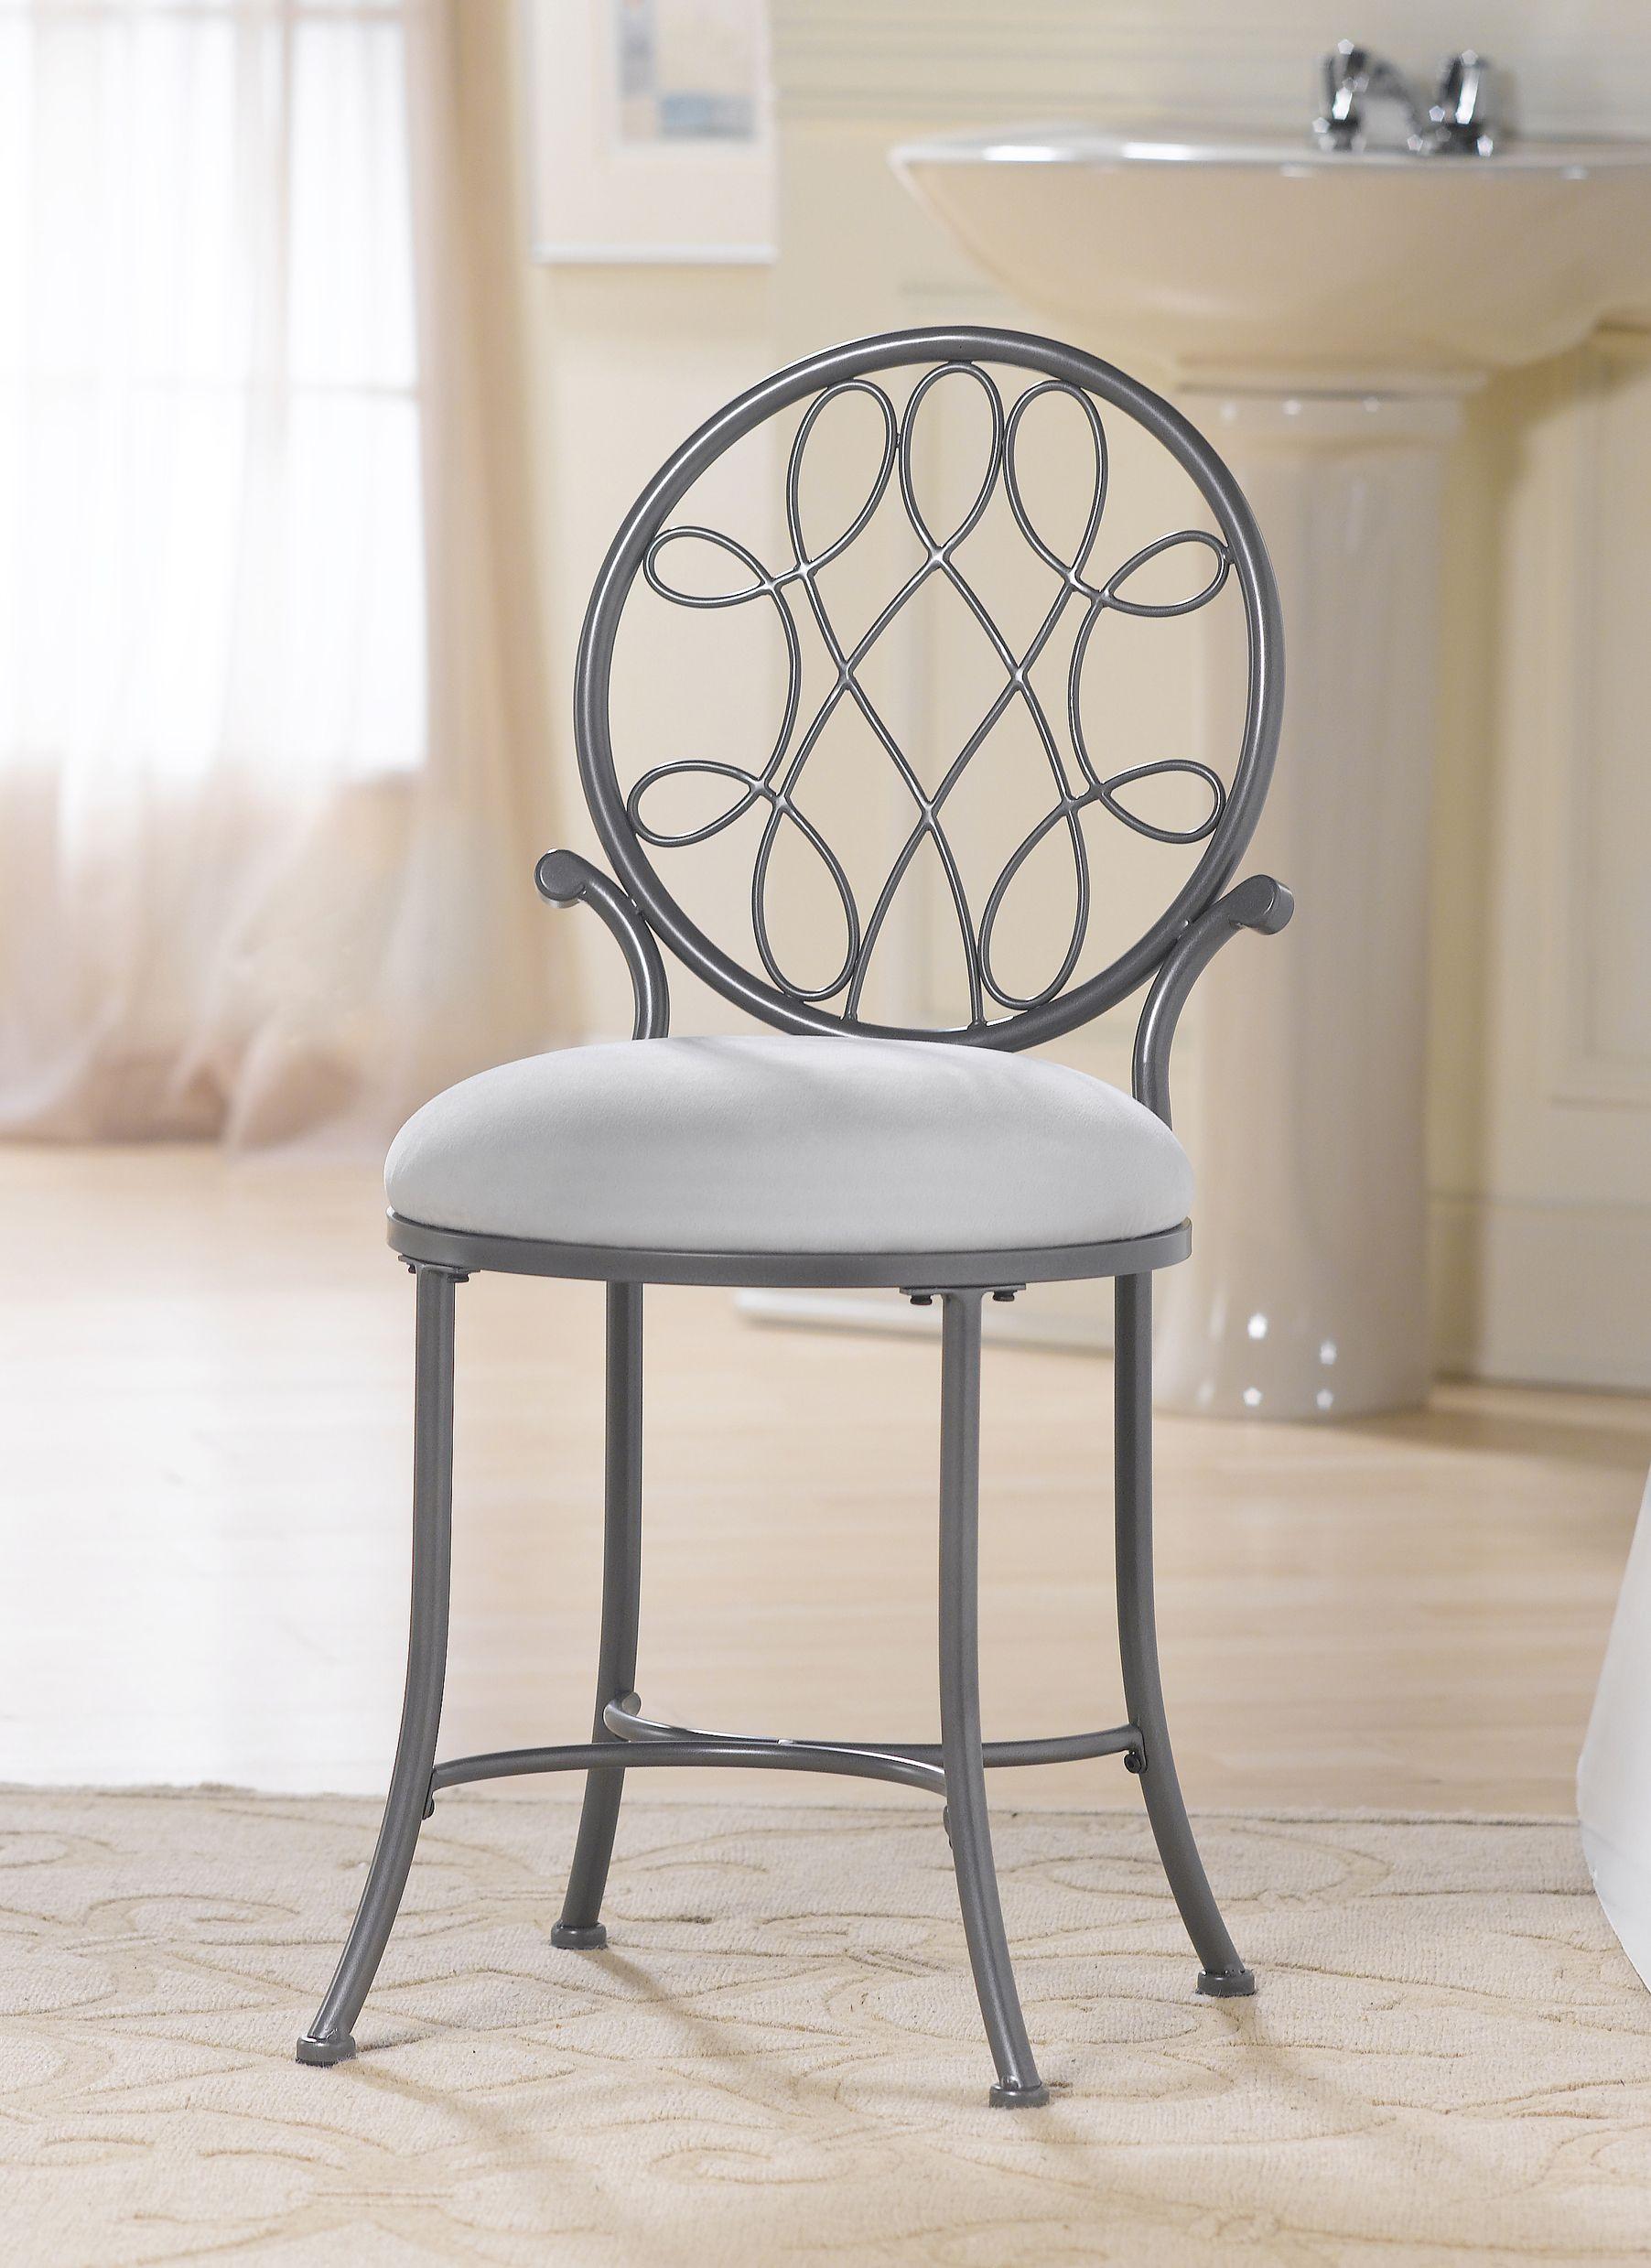 stool chair best makeup vanity ideas of kassey